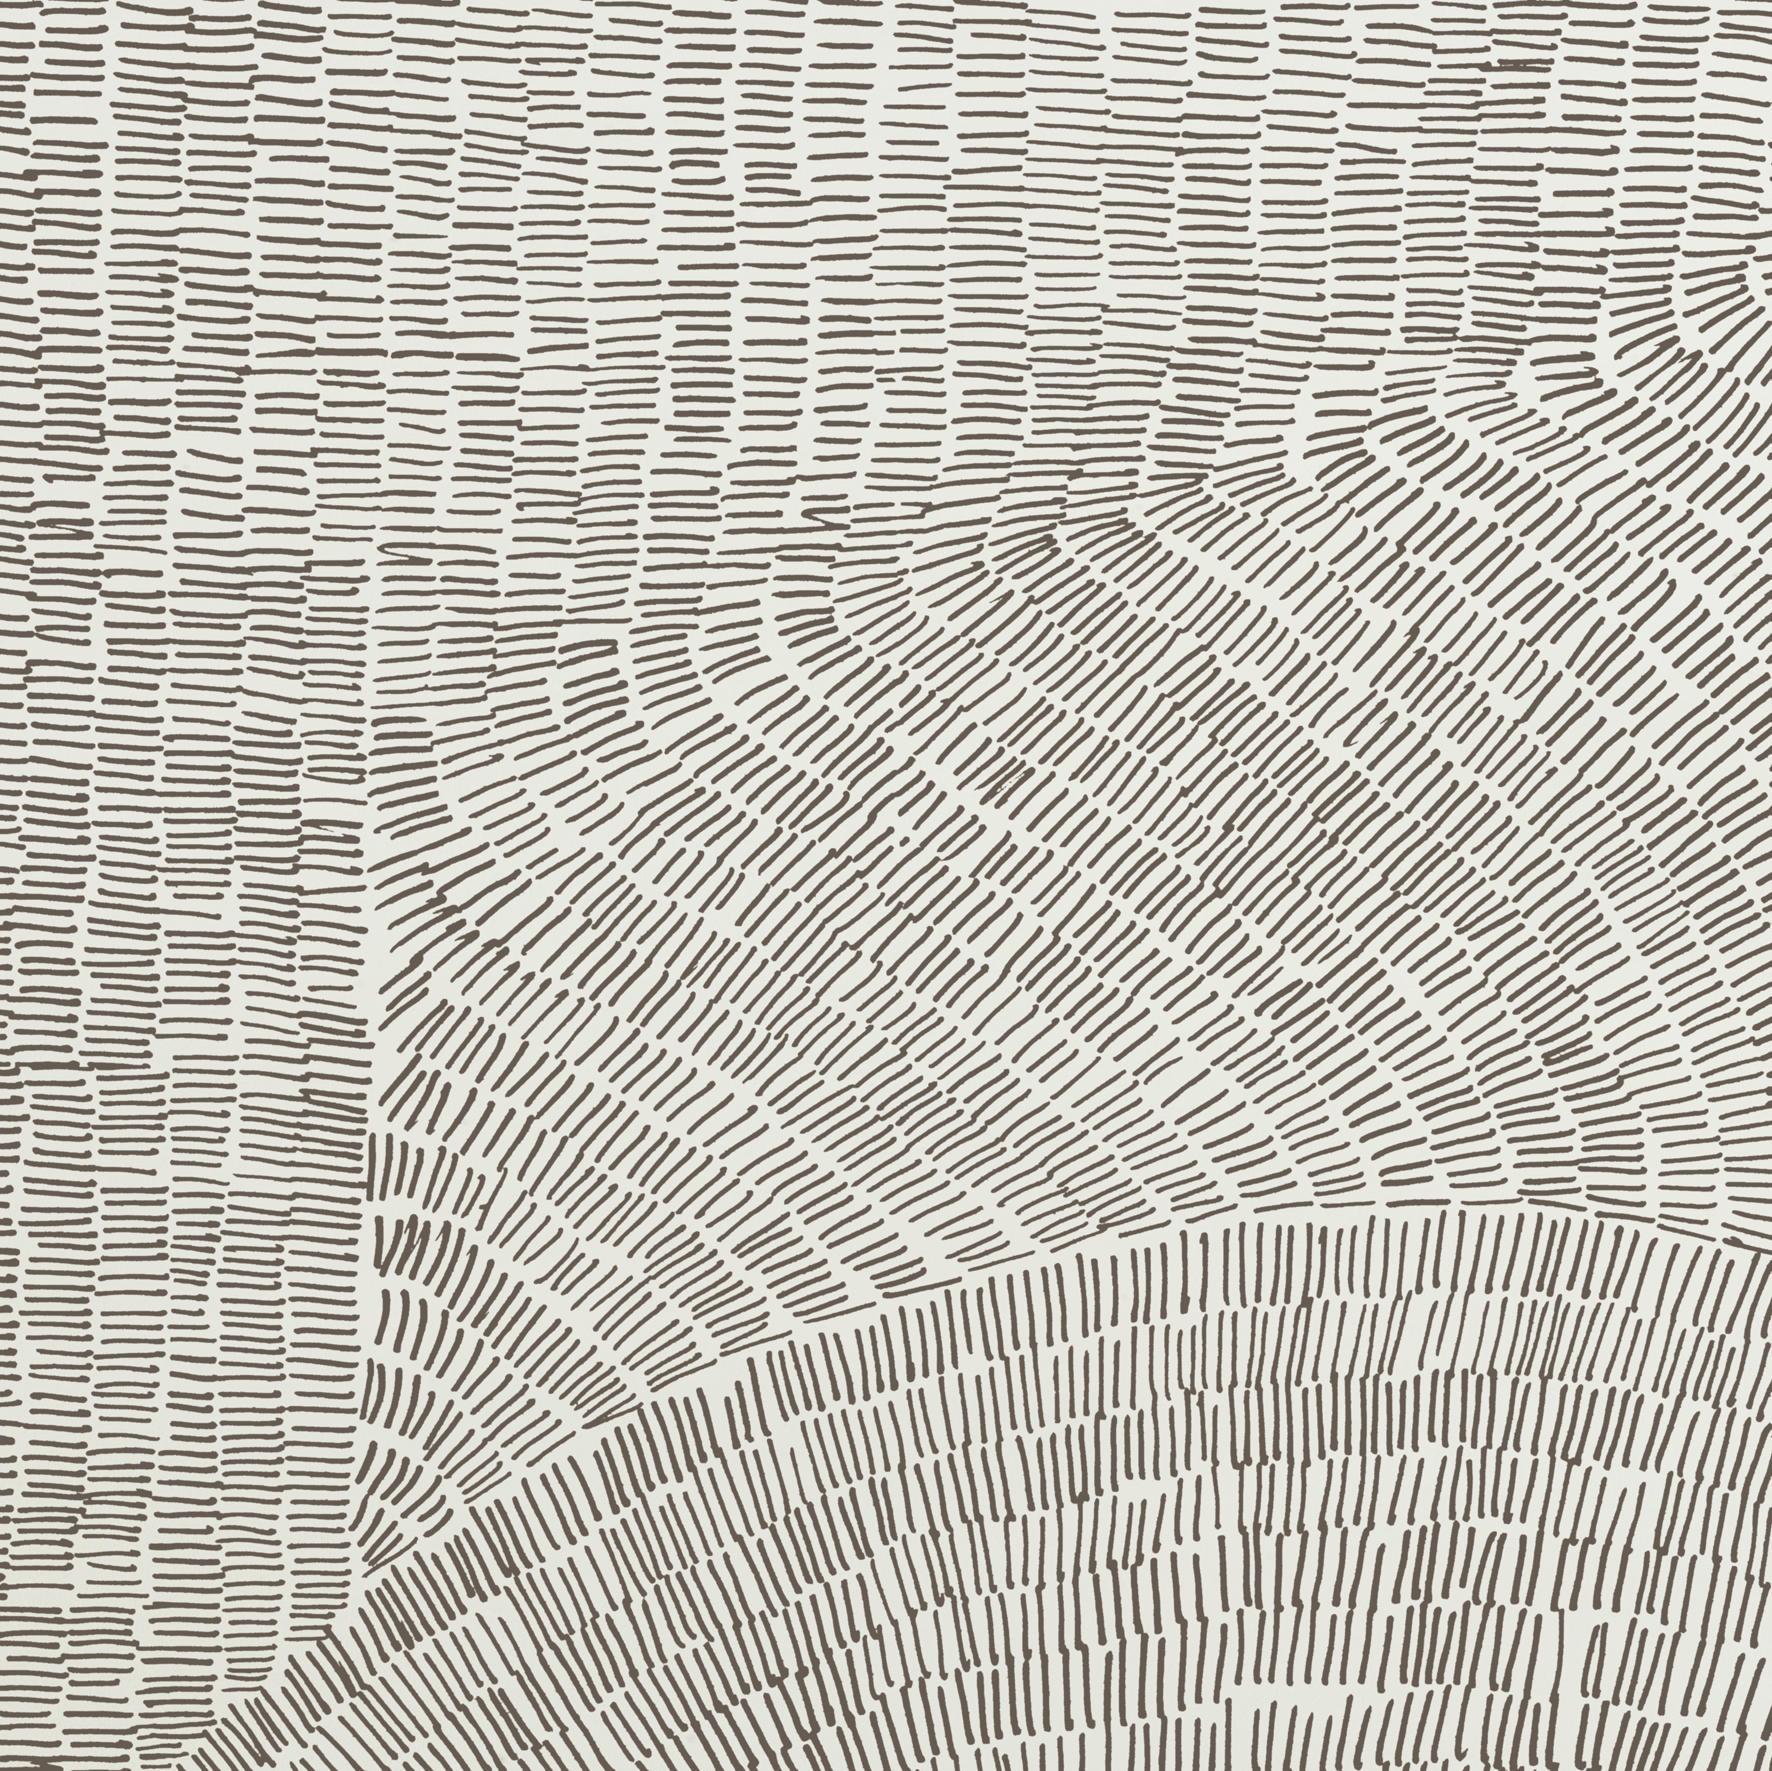 FOSSIL BROWN - Keramik Fliesen von Refin | Architonic